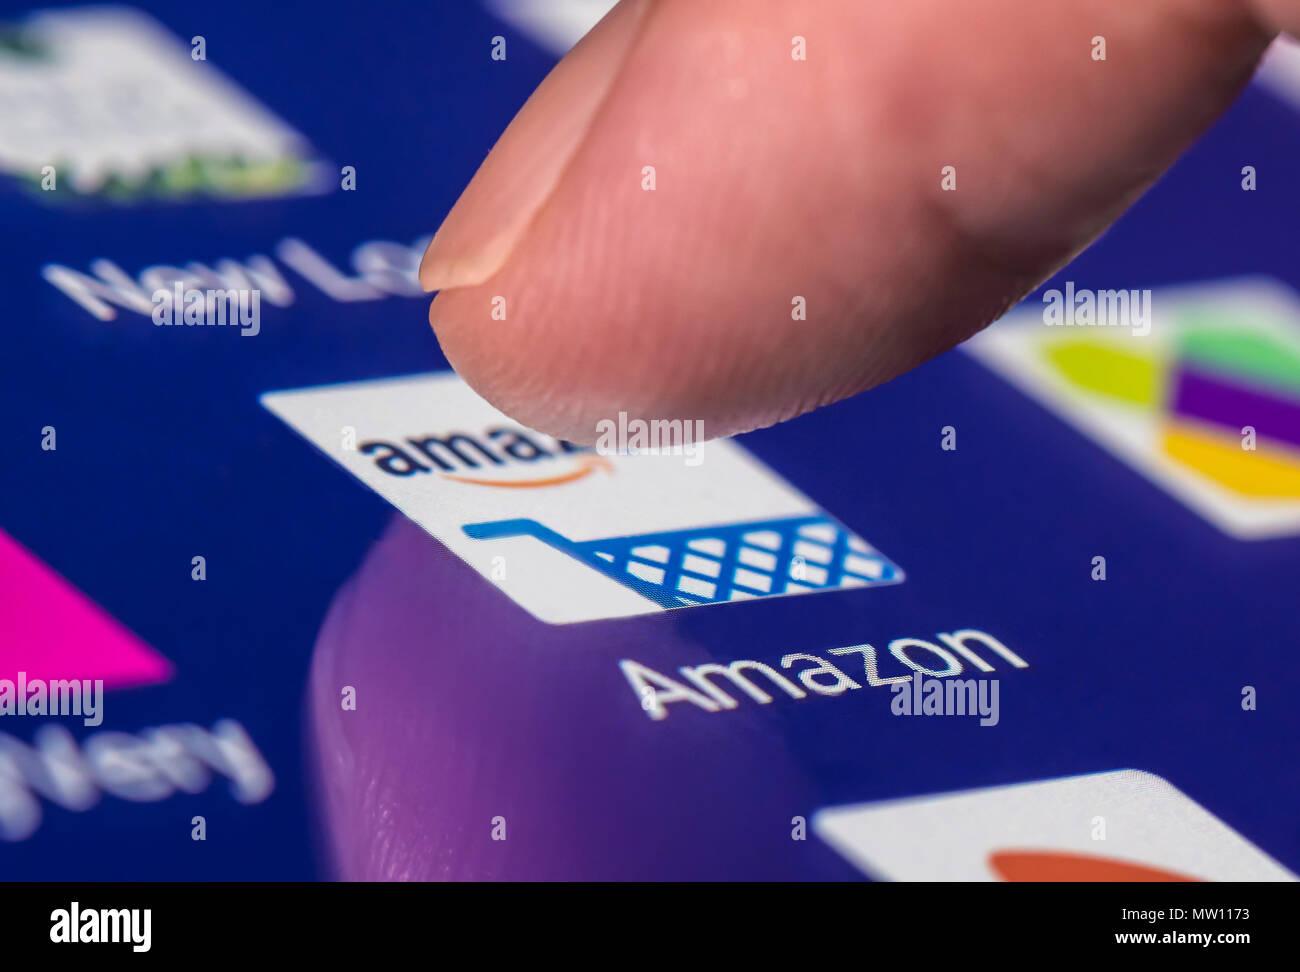 Dedo pulsando el icono de Amazon para cargar la aplicación en un smartphone o la tableta táctil. Imagen De Stock